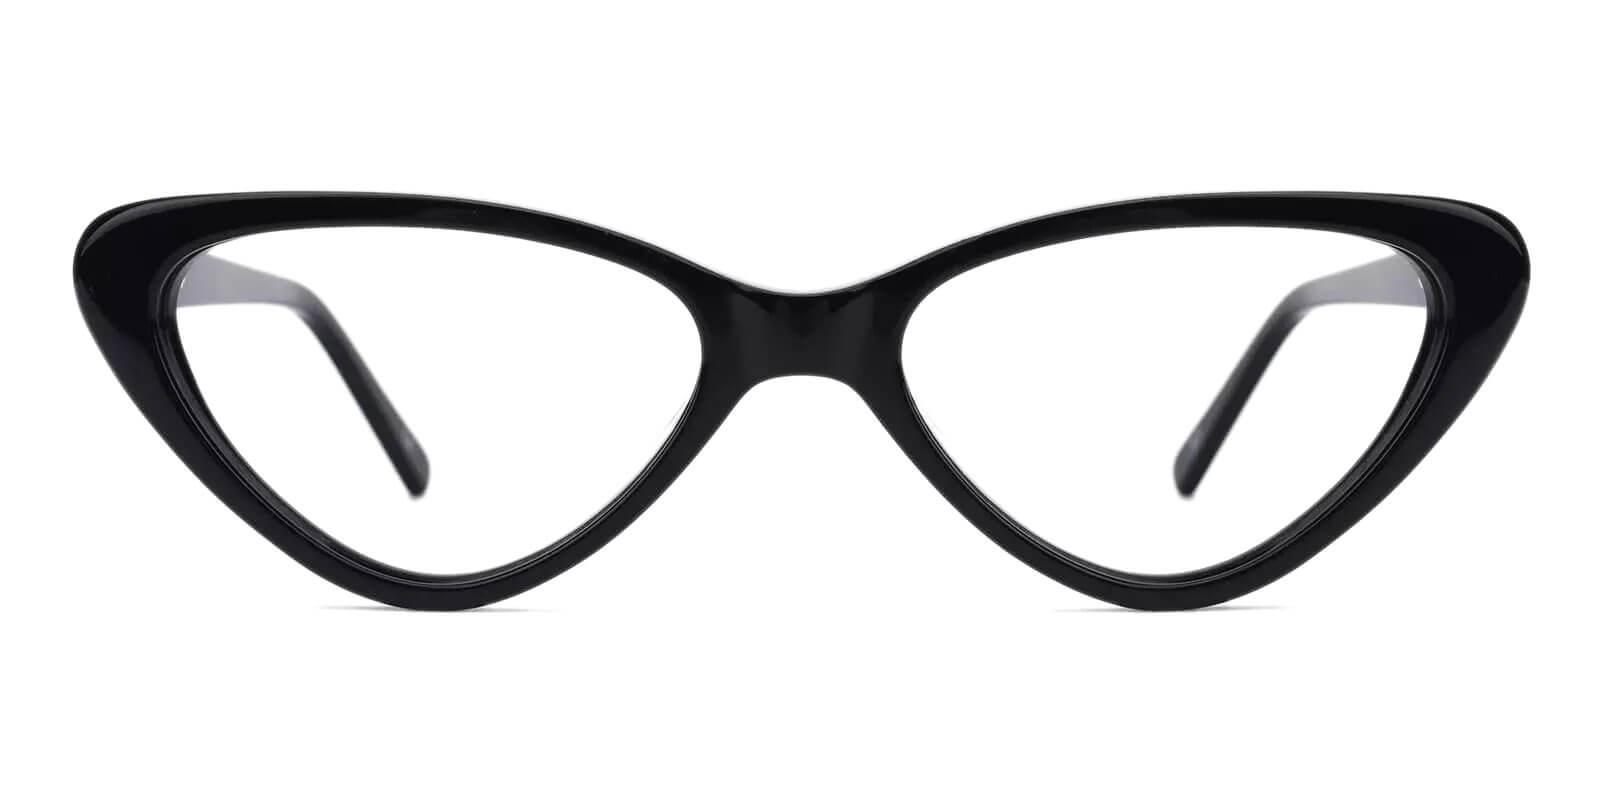 Hannah Black Acetate Eyeglasses , SpringHinges , UniversalBridgeFit Frames from ABBE Glasses